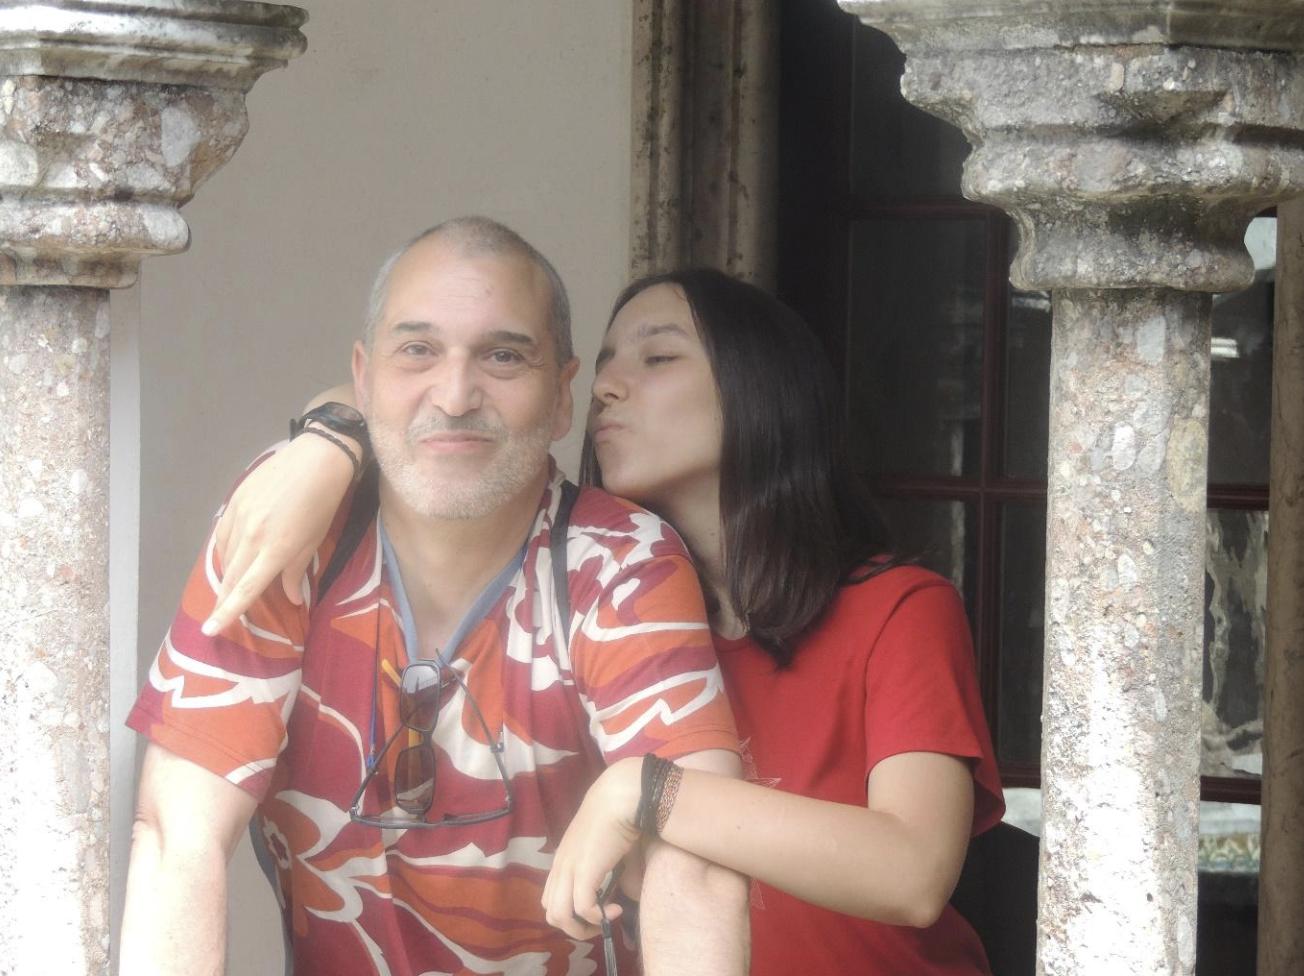 «No debemos olvidar nunca que las personas que quieren quitarse la vida no quieren morir, quieren dejar de sufrir, encontrar, conocer, la forma de dejar de sentirse tan mal.». – Jose Carlos Soto, superviviente por suicidio, en #FFPaciente.